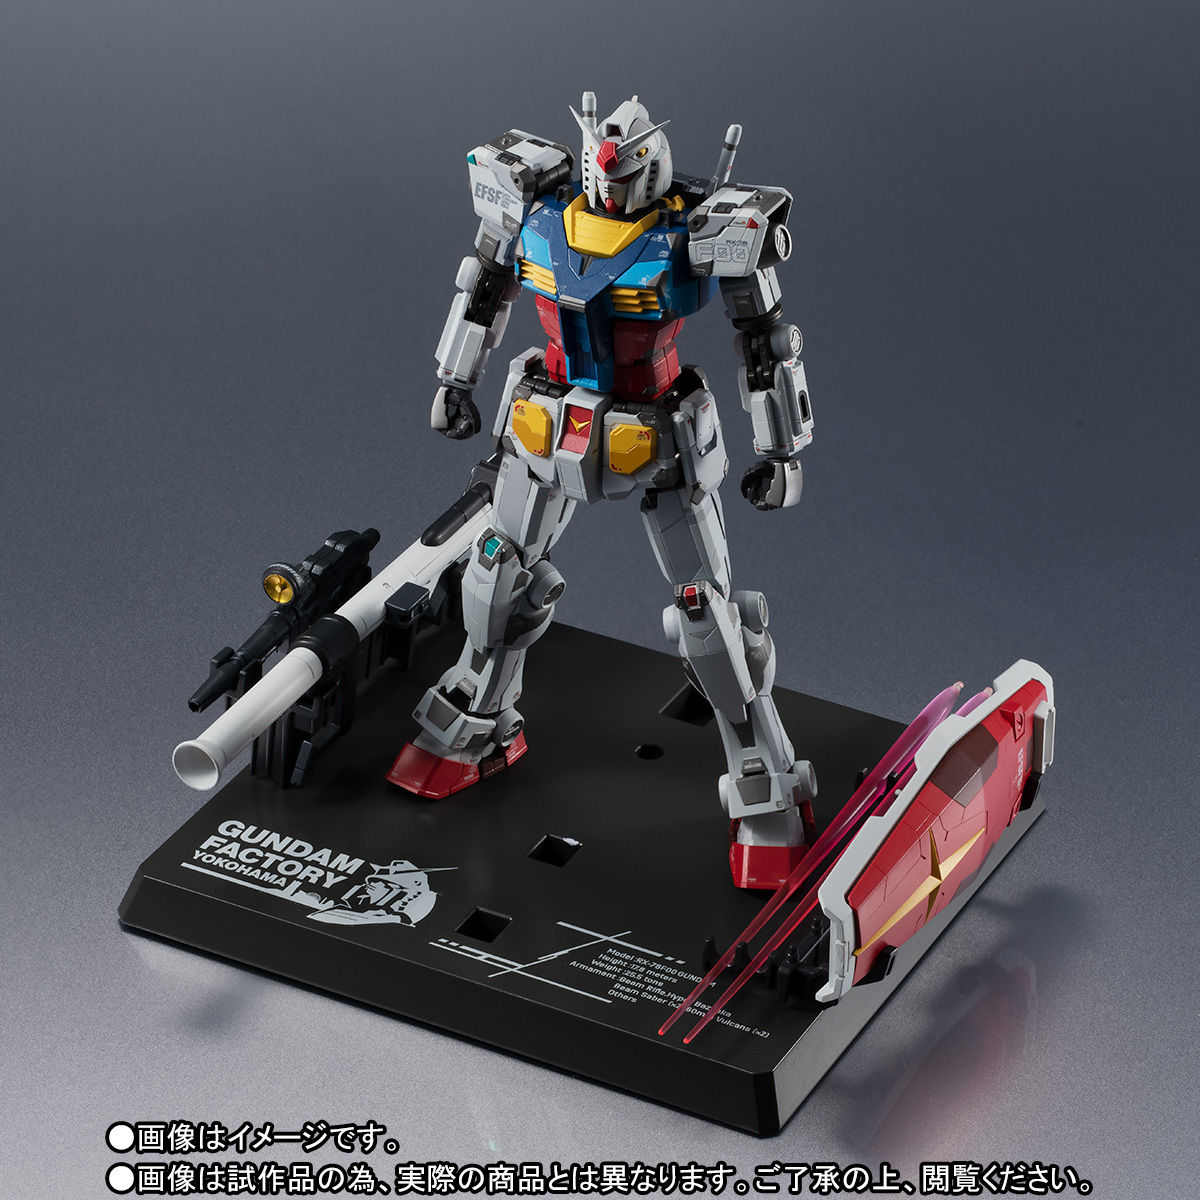 【限定販売】超合金×GUNDAM FACTORY YOKOHAMA『RX-78F00 GUNDAM』可動フィギュア-009